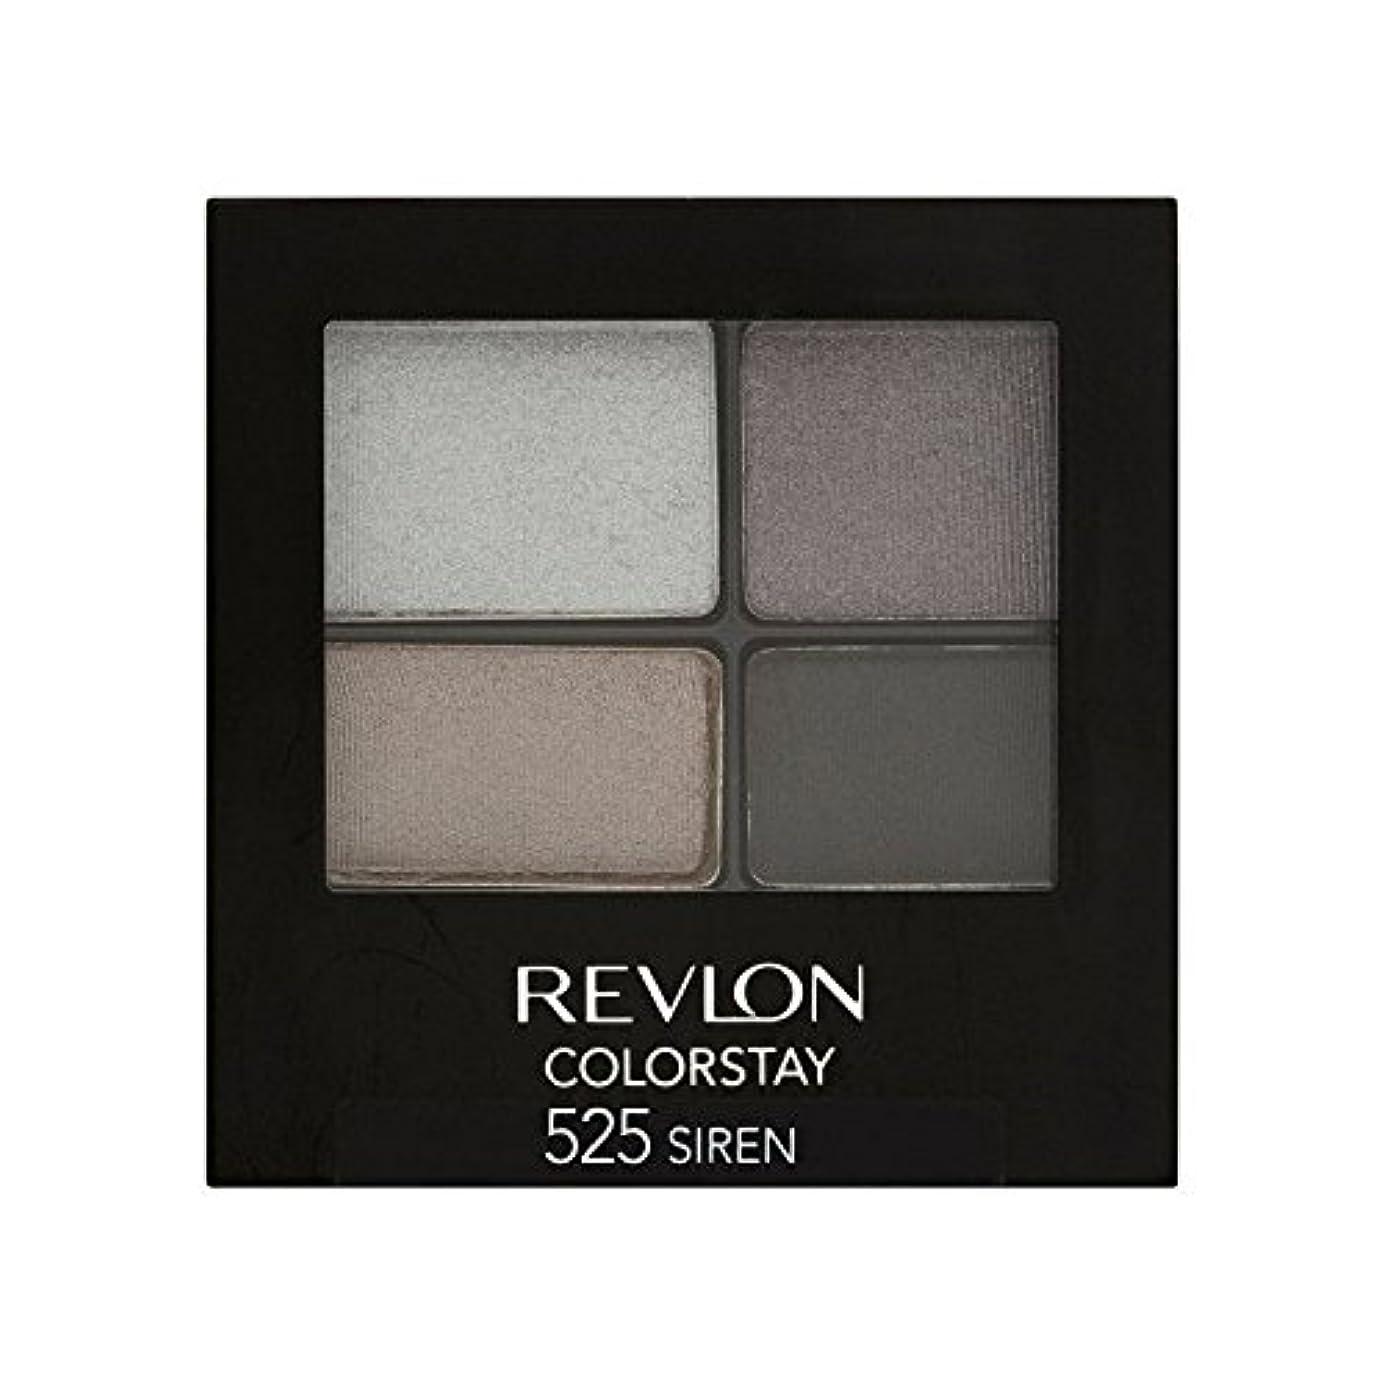 衝突する覗く負荷レブロンの 16時間アイシャドウサイレン525 x4 - Revlon Colorstay 16 Hour Eye Shadow Siren 525 (Pack of 4) [並行輸入品]